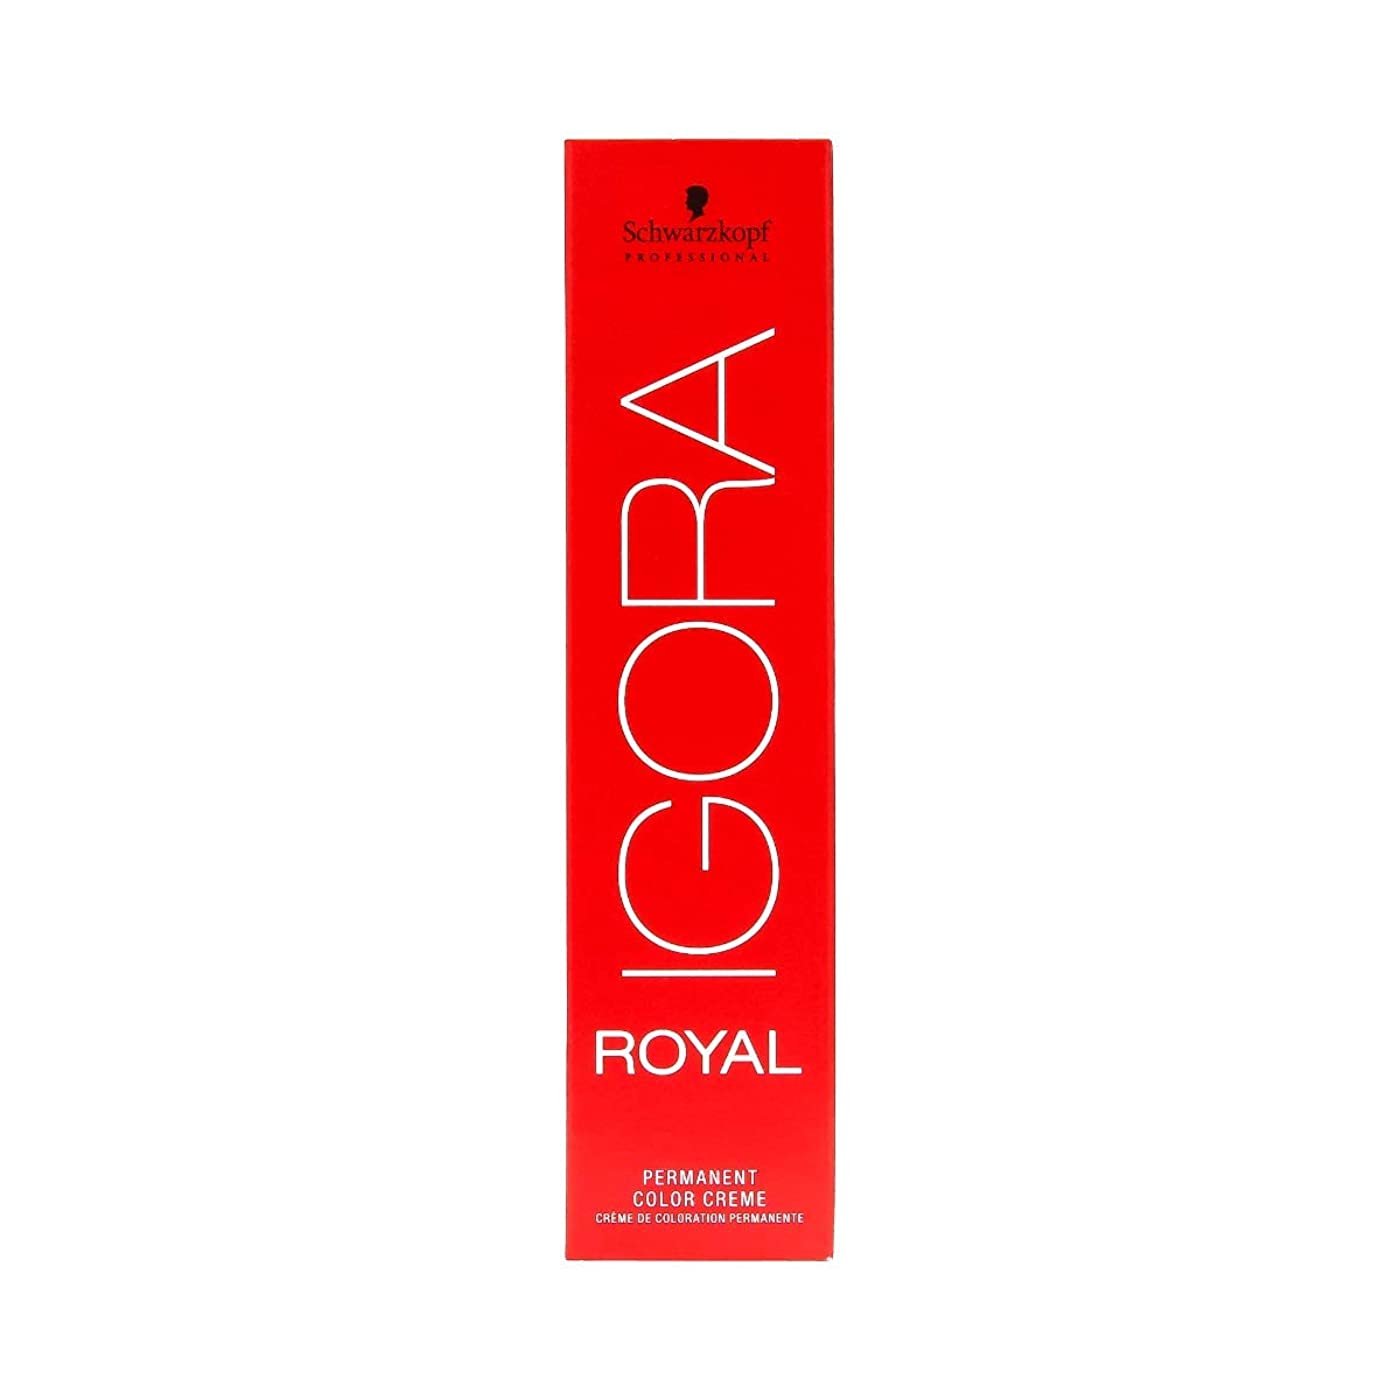 受動的運命的な栄光のシュワルツコフ IGORA ロイヤルD-0パーマネントカラークリーム60ml[海外直送品] [並行輸入品]